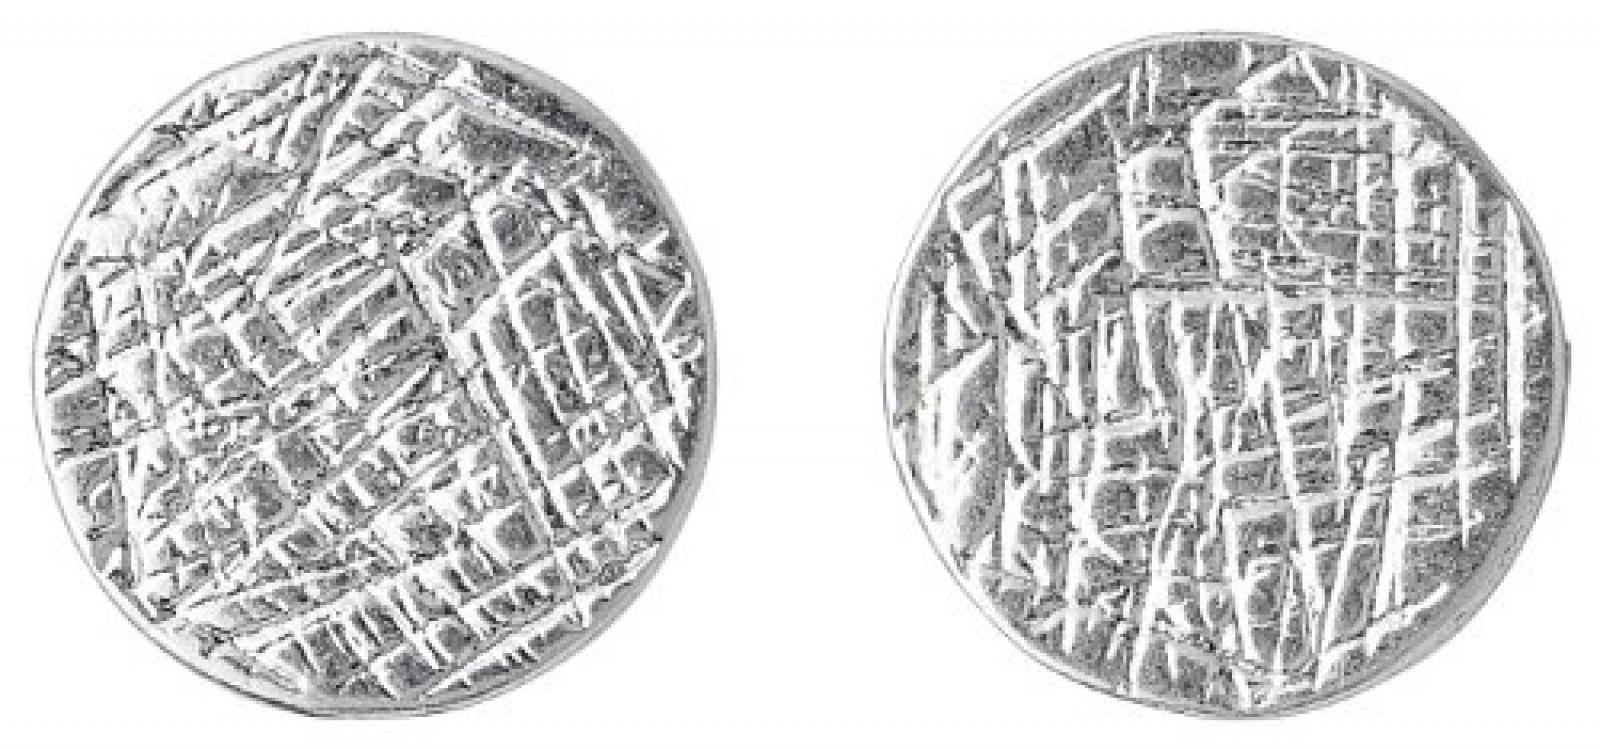 Pilgrim Jewelry Damen-Ohrstecker Messing Ear post 1.0 cm  versilbert 281346043